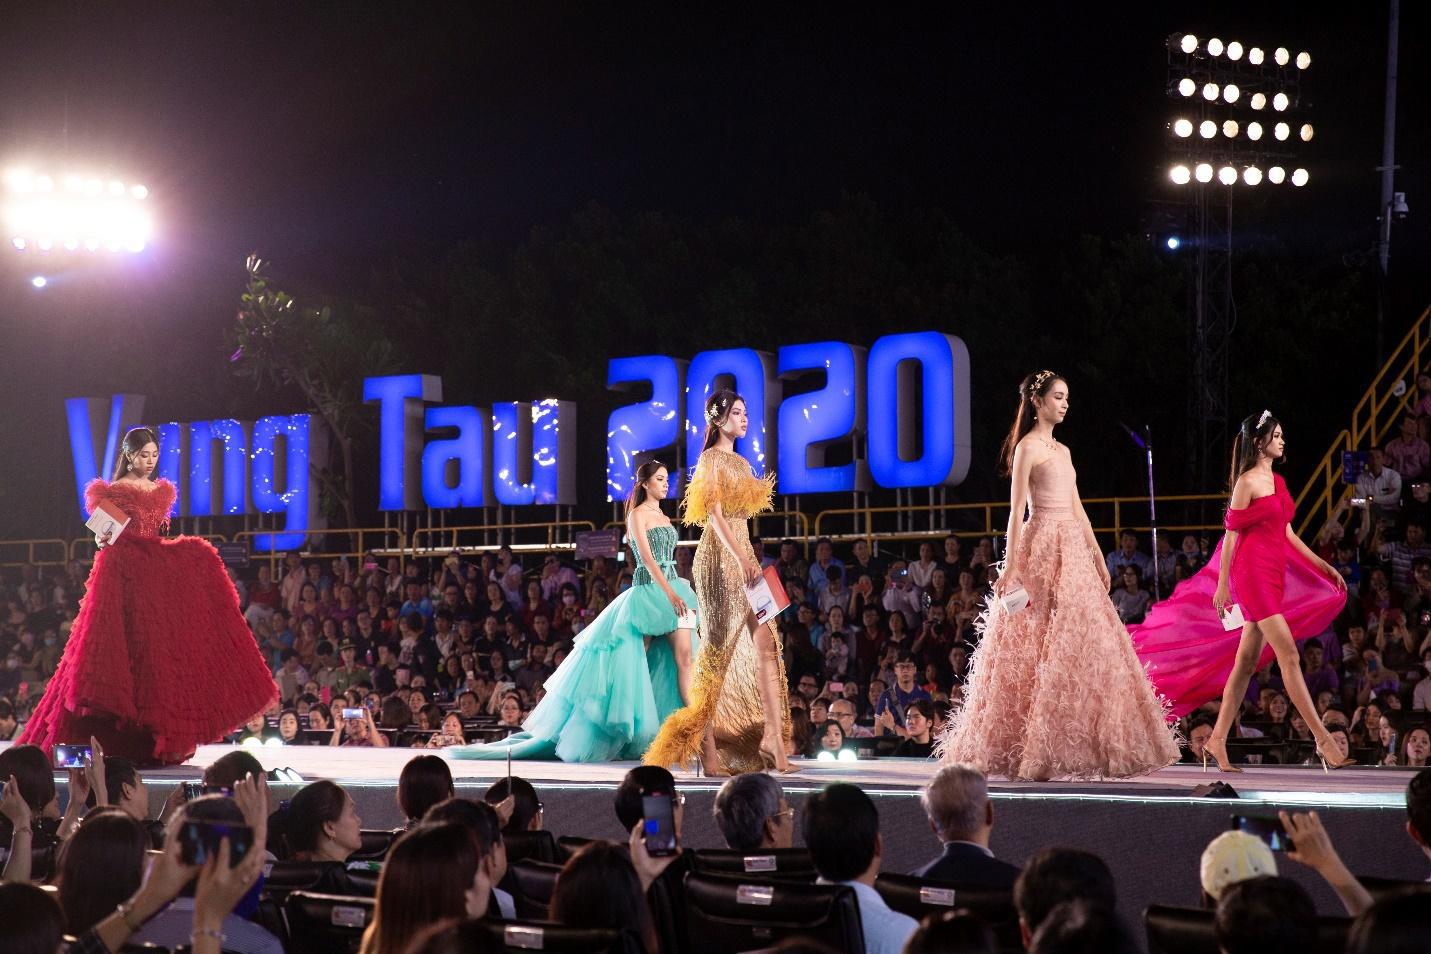 Ấn tượng với sự kết hợp giữa nhan sắc, thời trang và mỹ phẩm trong đêm thi Người Đẹp Thời Trang - Hoa Hậu Việt Nam 2020 - Ảnh 2.